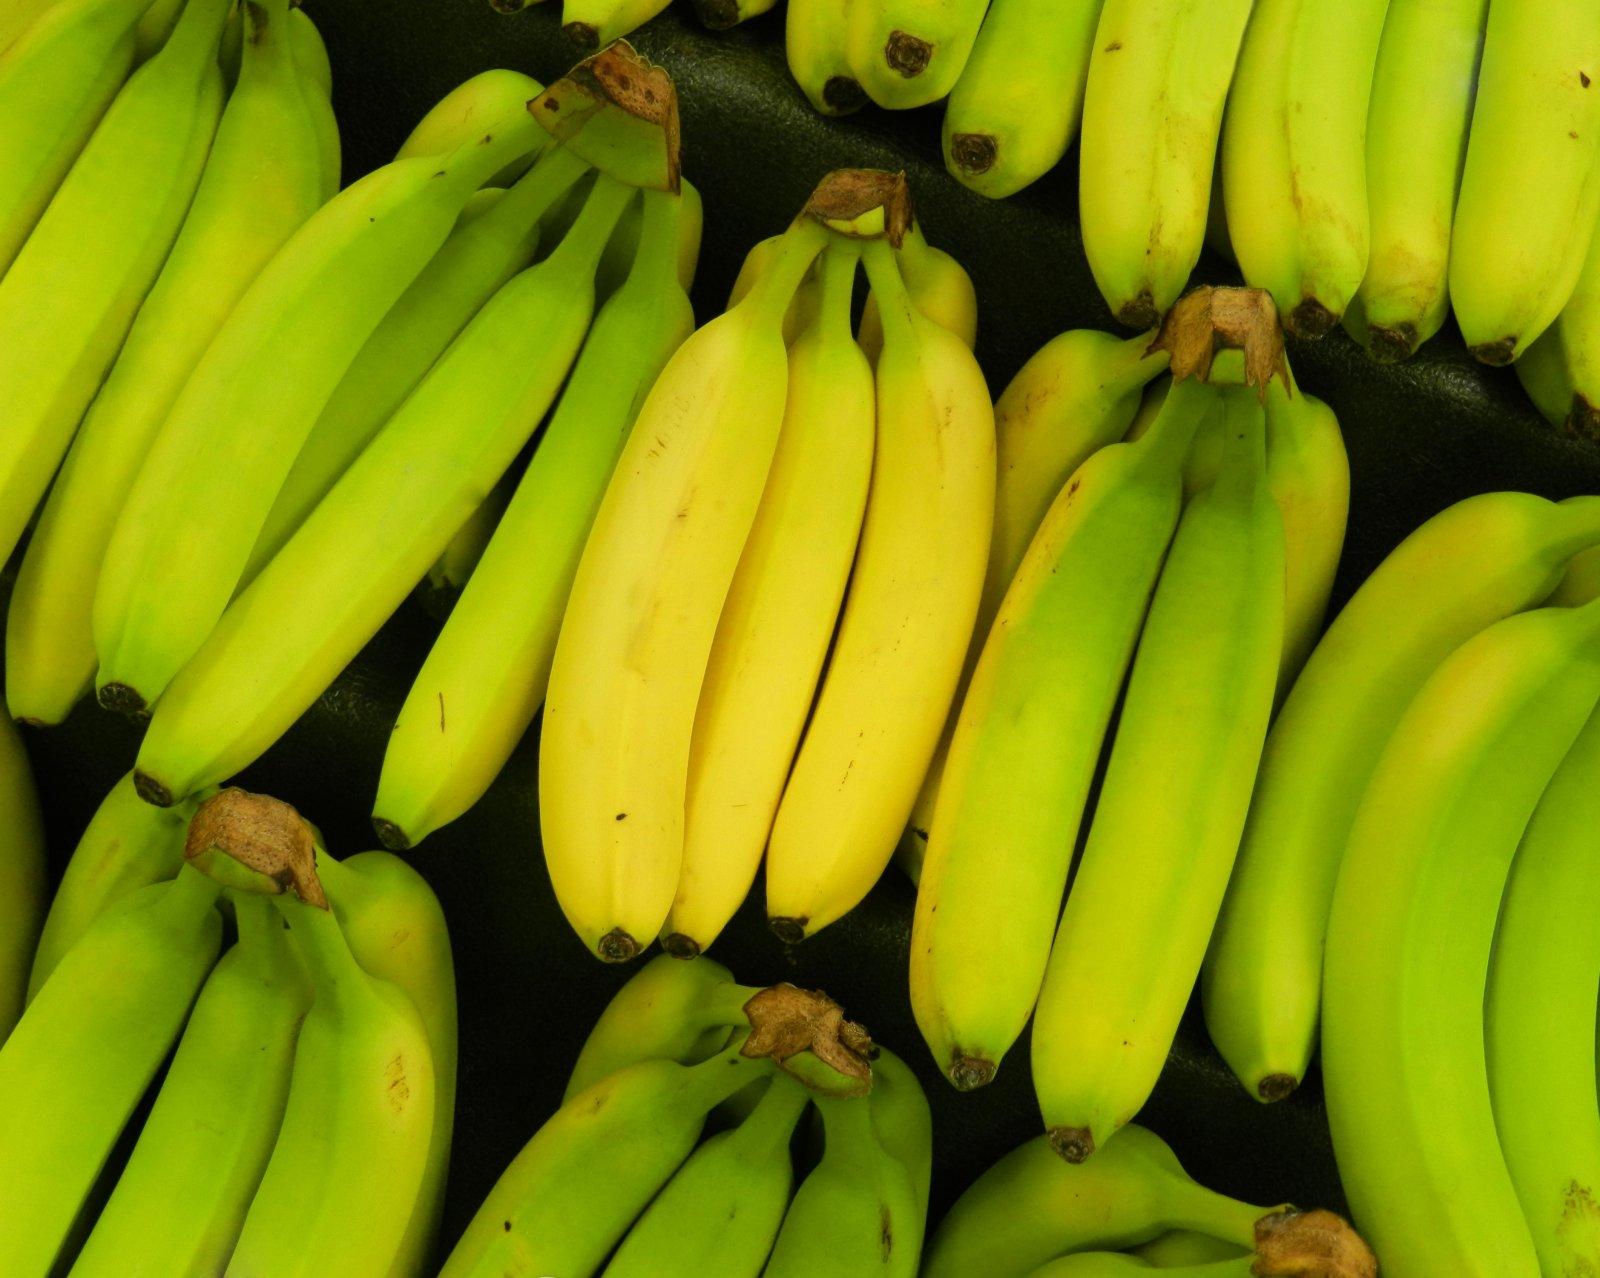 Kuidas suurendada liikme banaani Liikme suurenemine, kui palju